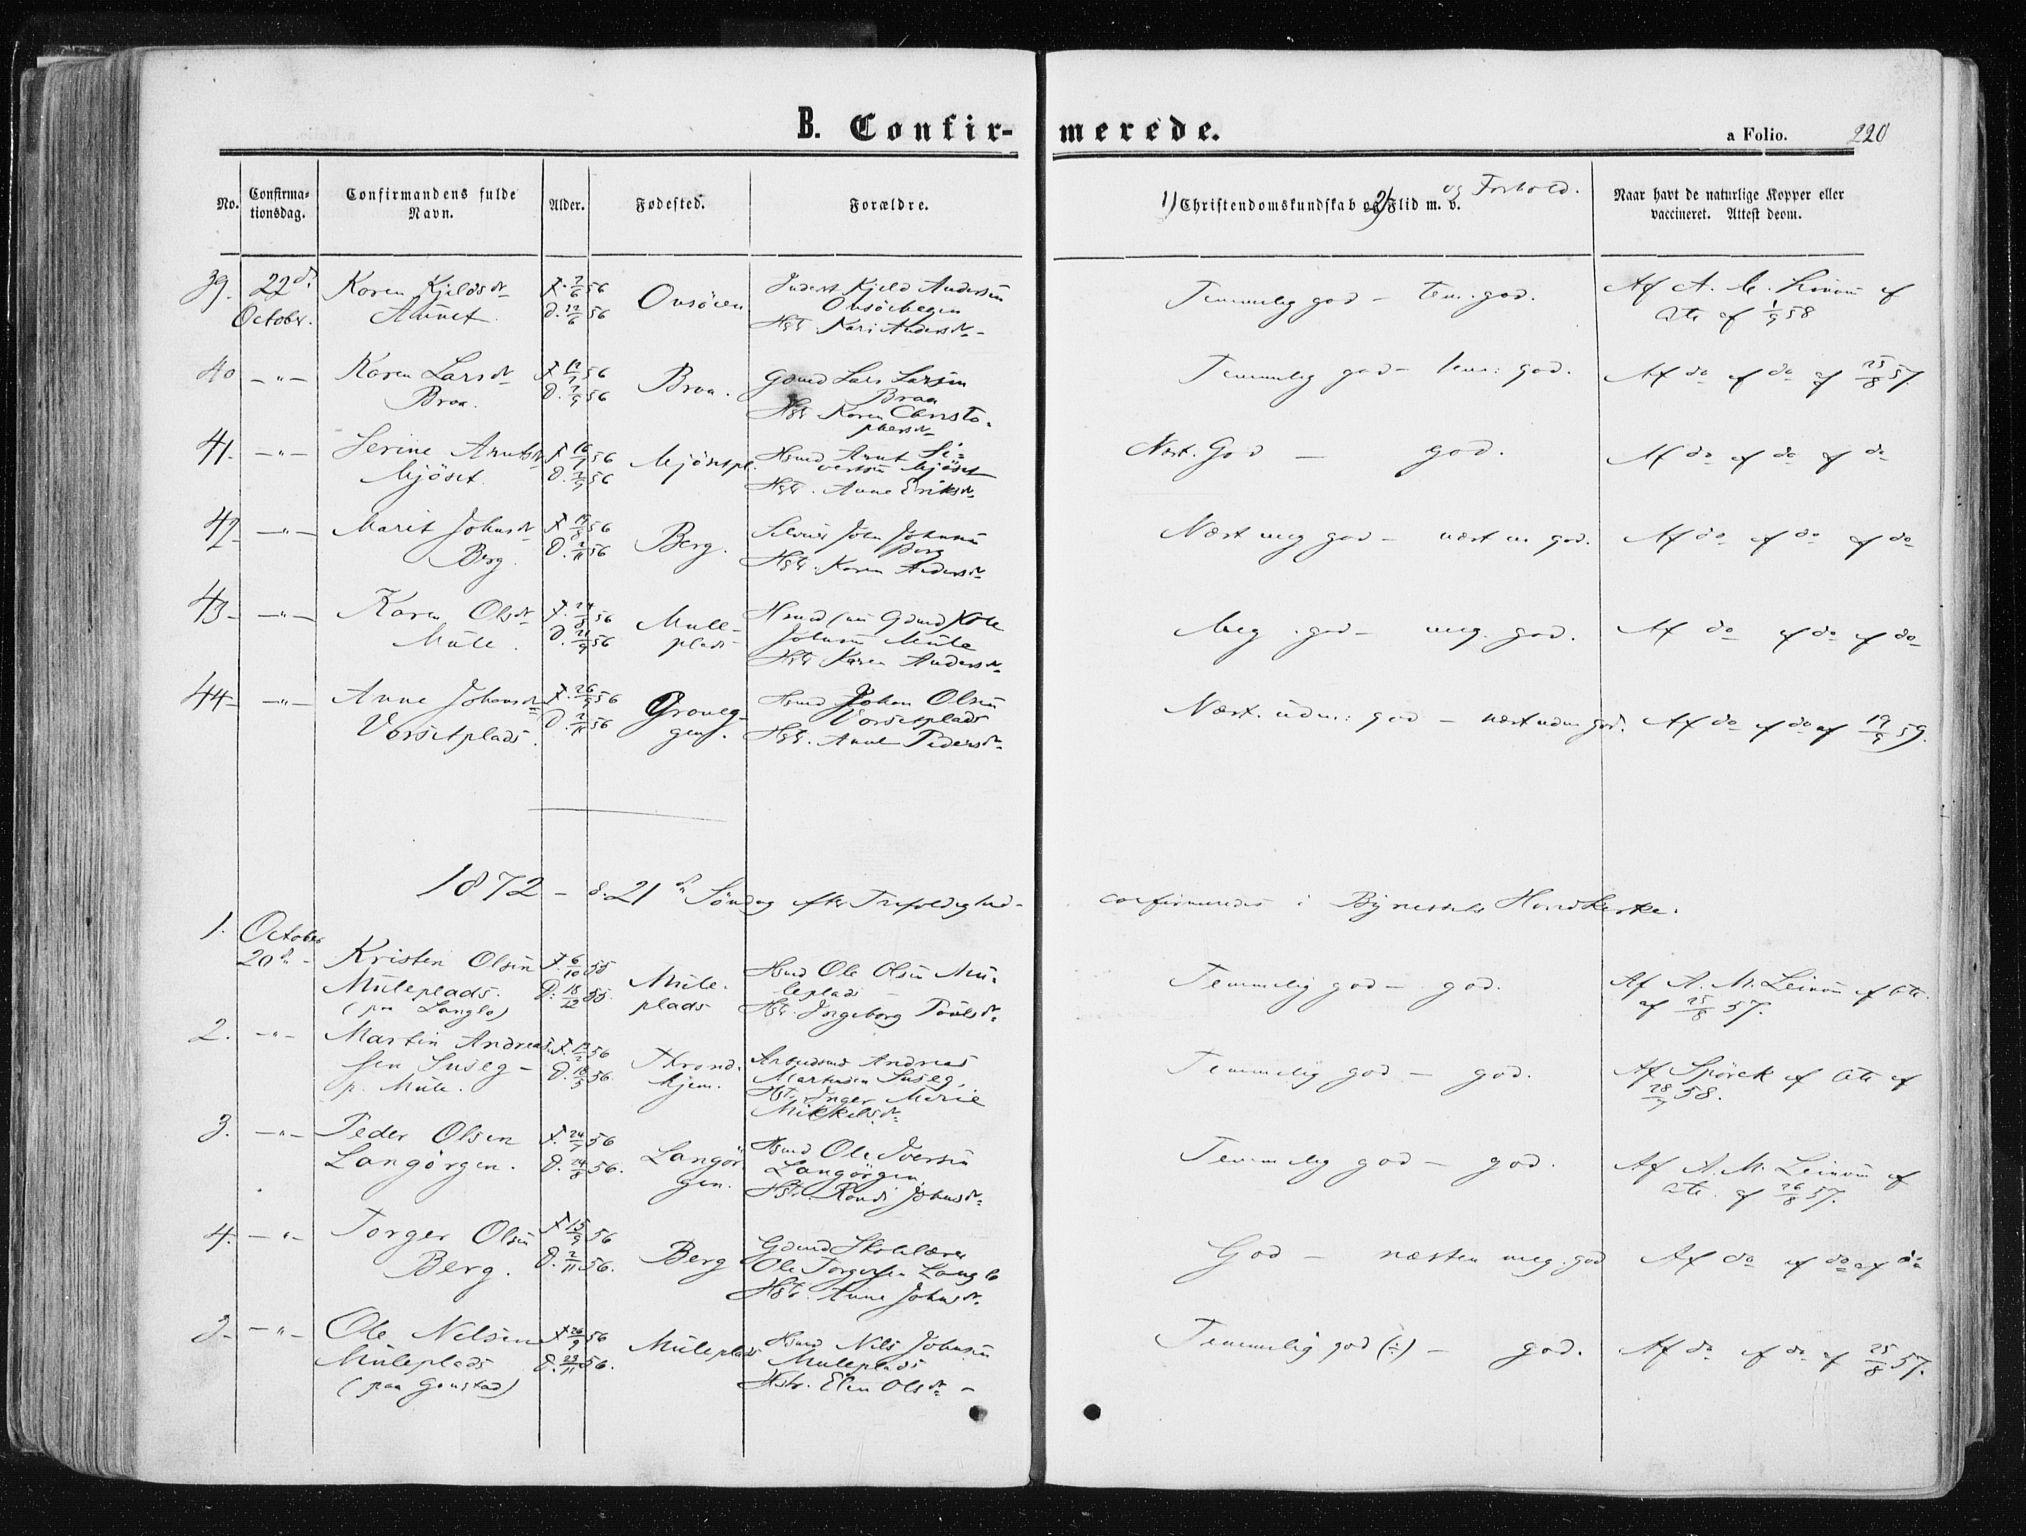 SAT, Ministerialprotokoller, klokkerbøker og fødselsregistre - Sør-Trøndelag, 612/L0377: Ministerialbok nr. 612A09, 1859-1877, s. 220